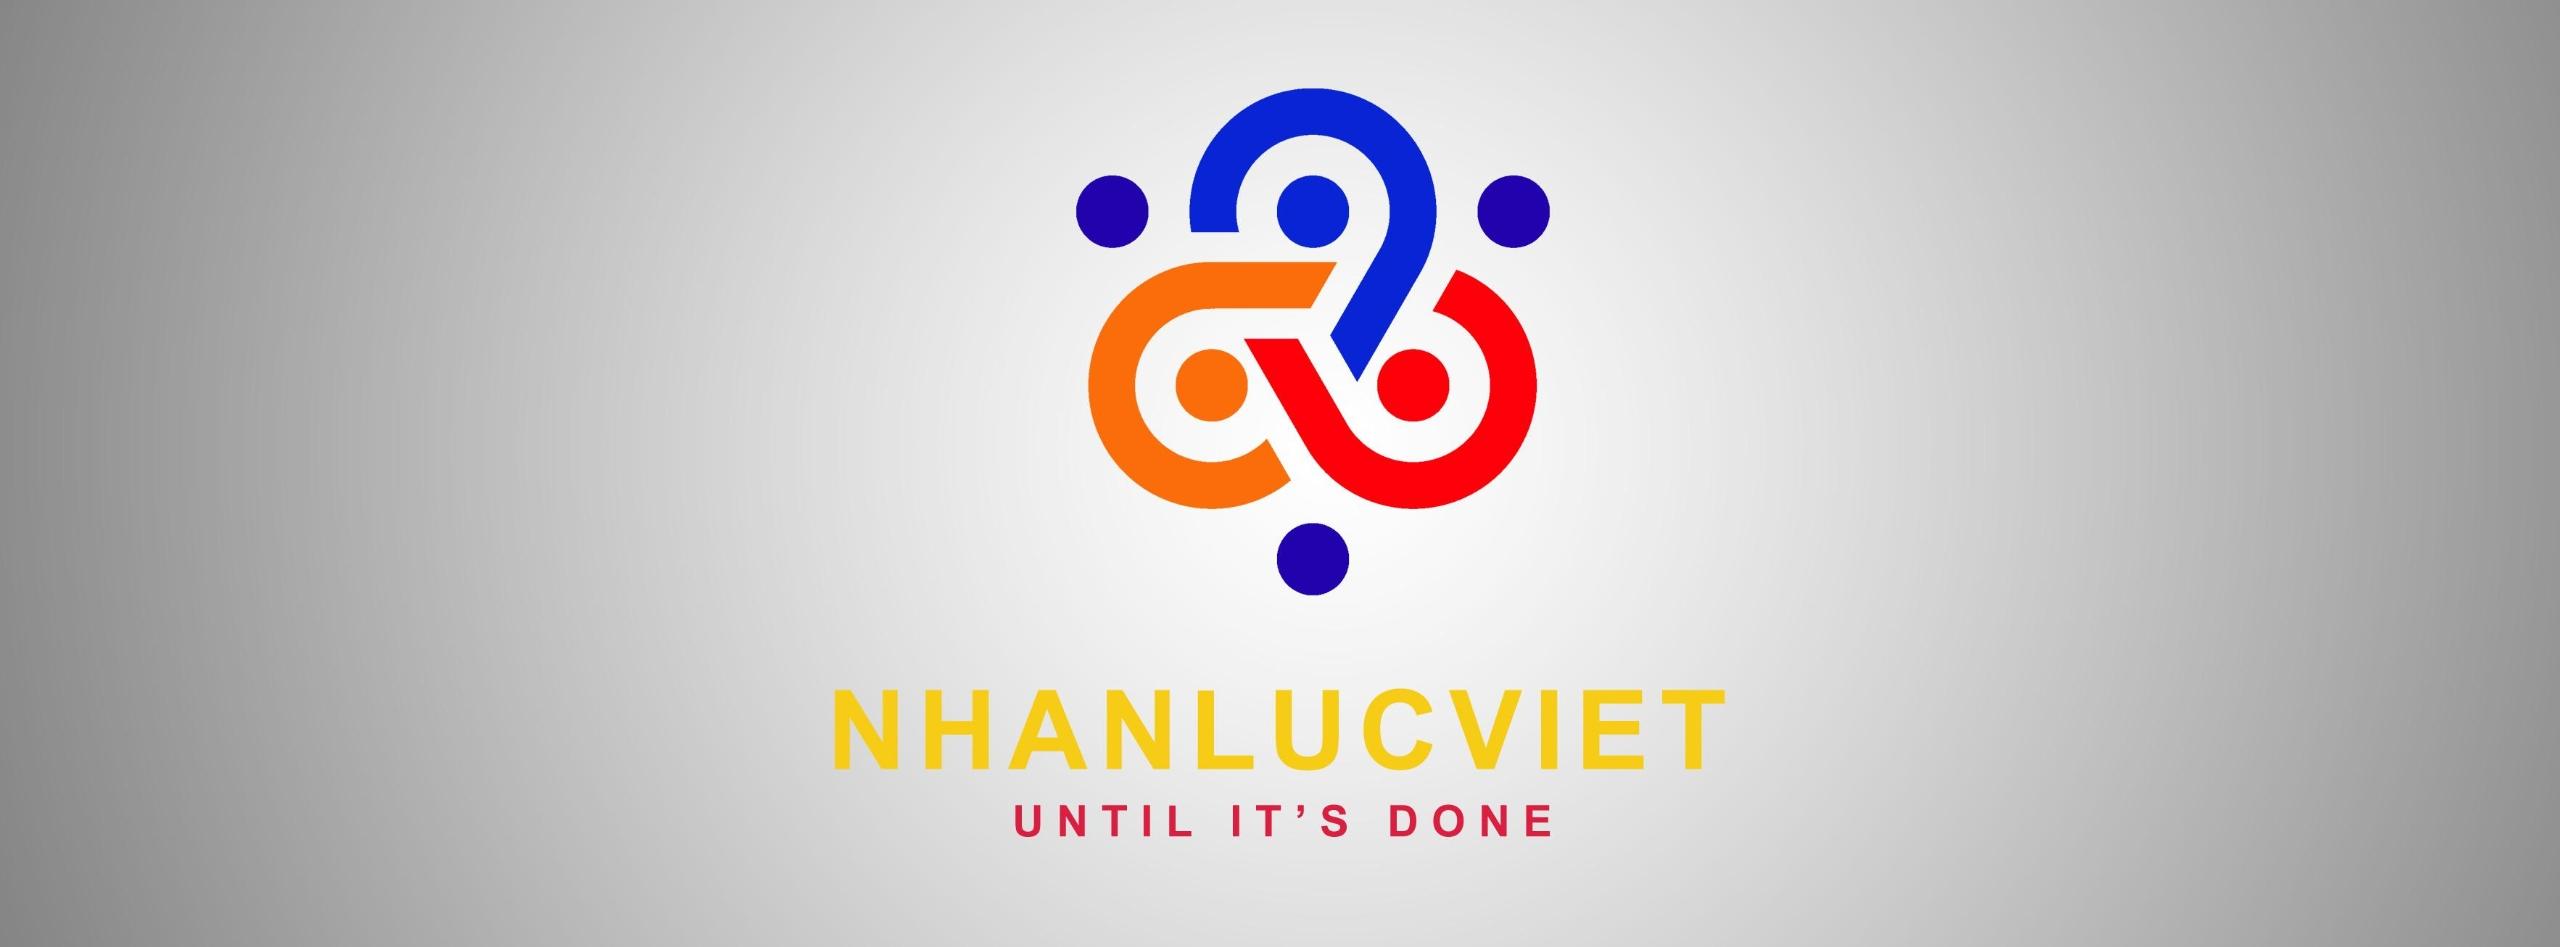 Lê Huỳnh Hà  (@lehuynhha) Cover Image